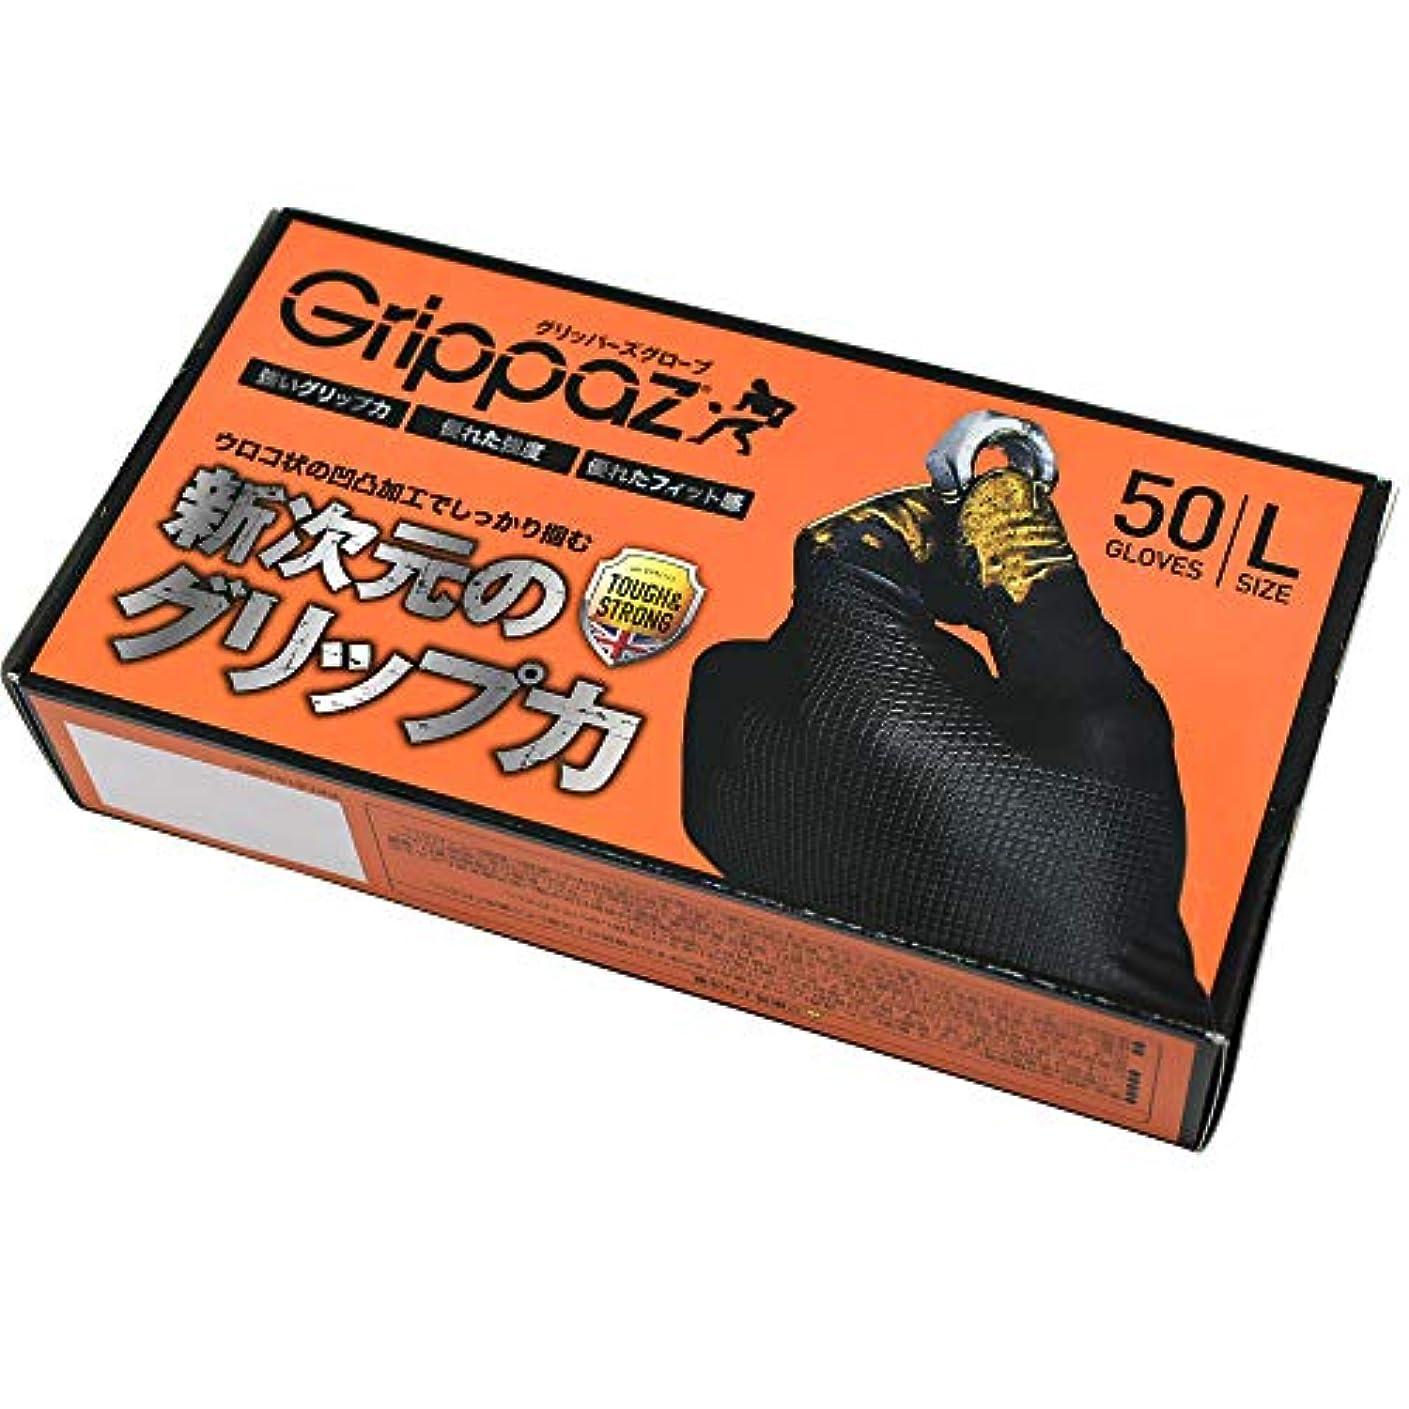 肝スタッフ罰する原田産業 ニトリル手袋 グリッパーズグローブ 50枚入 Lサイズ パウダーフリー 左右兼用 自動車整備 メンテナンス